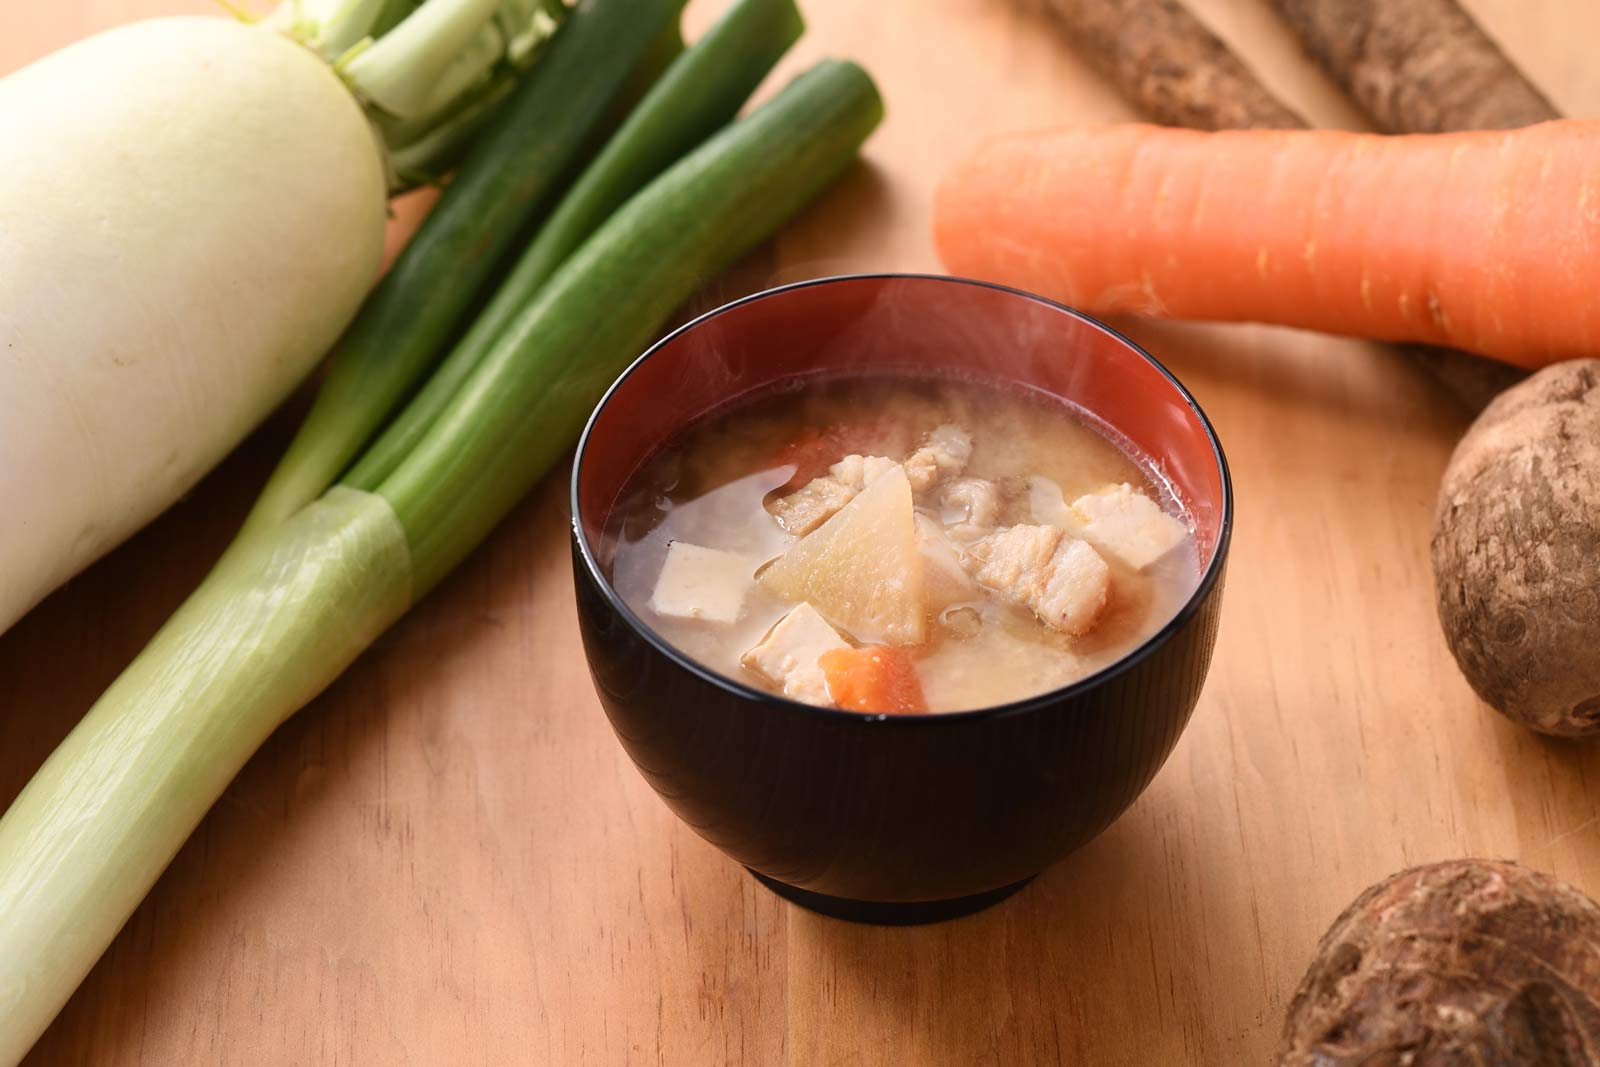 米澤豚一番育ちのお味噌汁 おむすび ごっつ食べなはれ